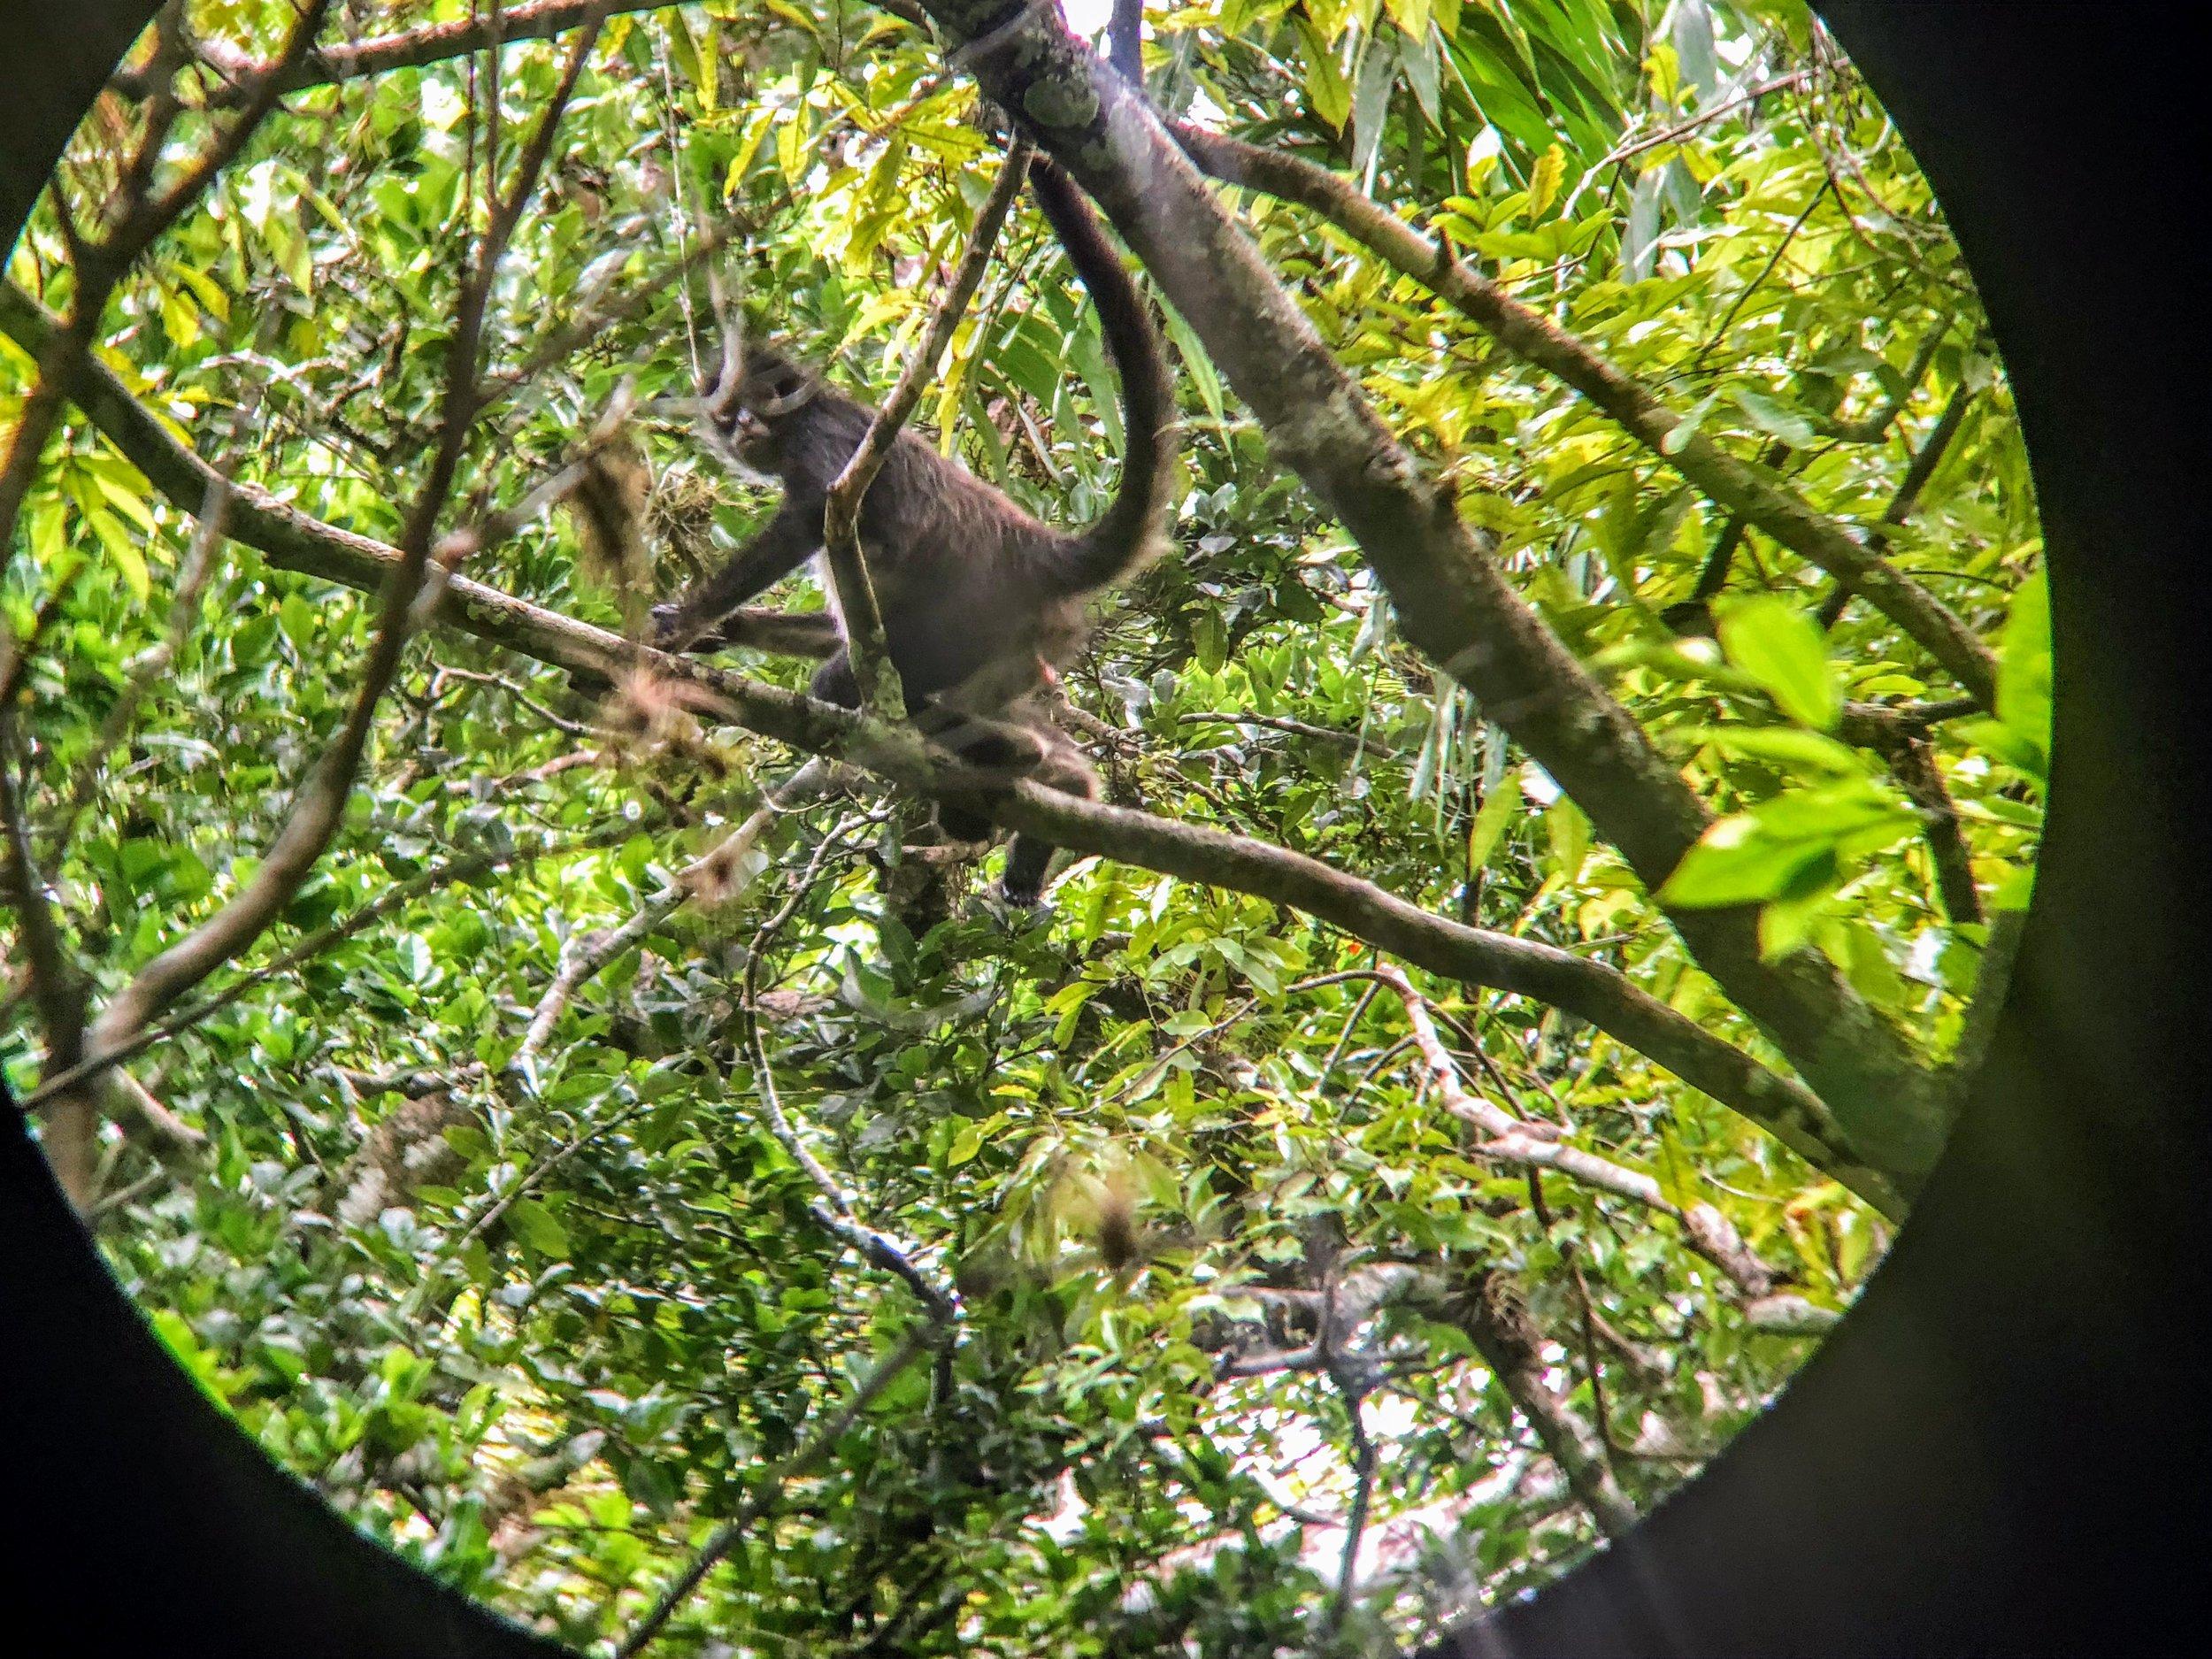 Spider monkey as seen through my binoculars.